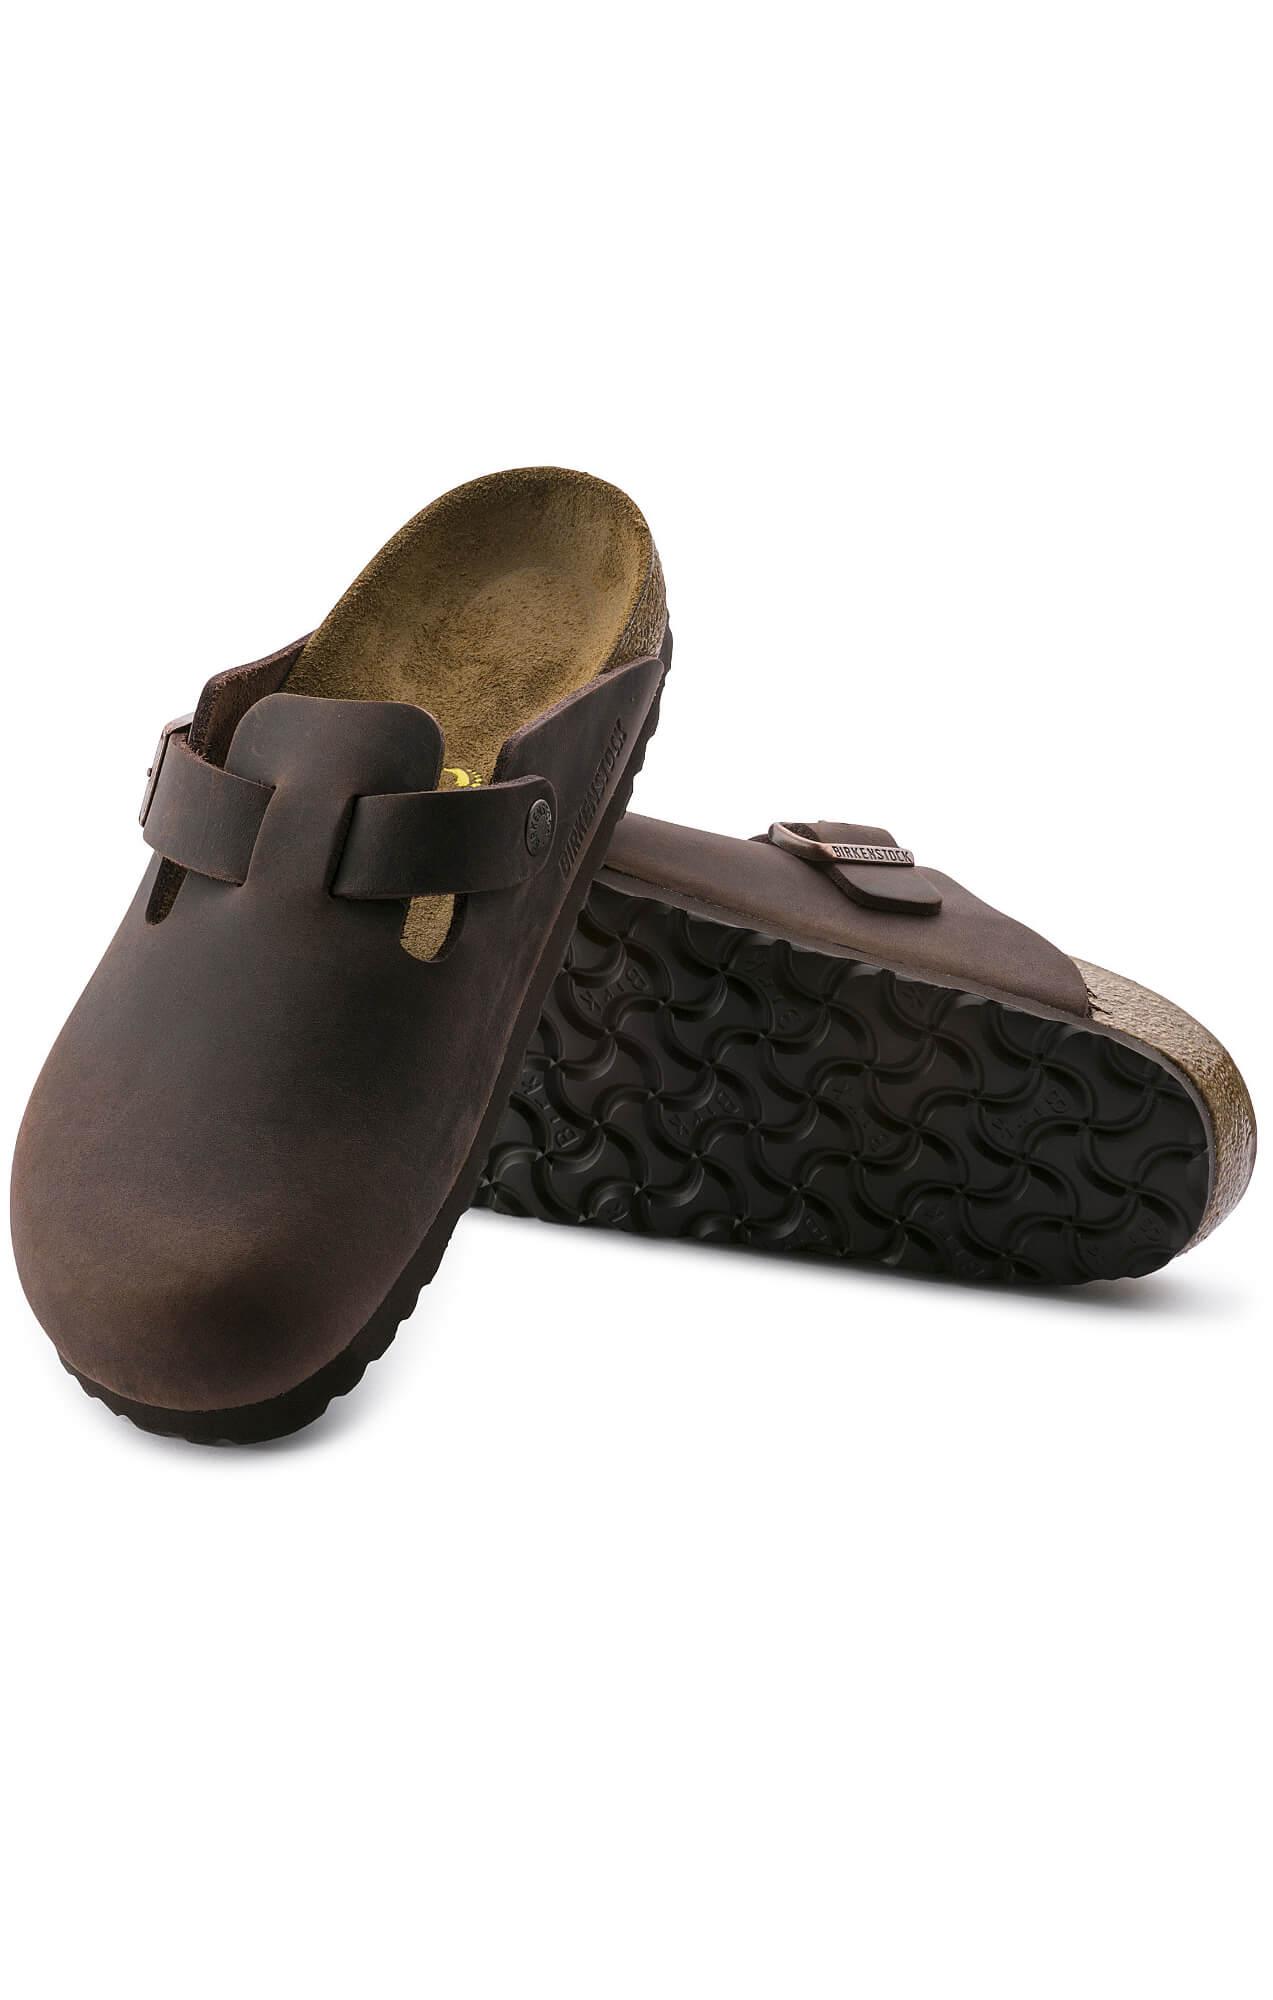 birkenstock boston oiled leather habana brown online. Black Bedroom Furniture Sets. Home Design Ideas